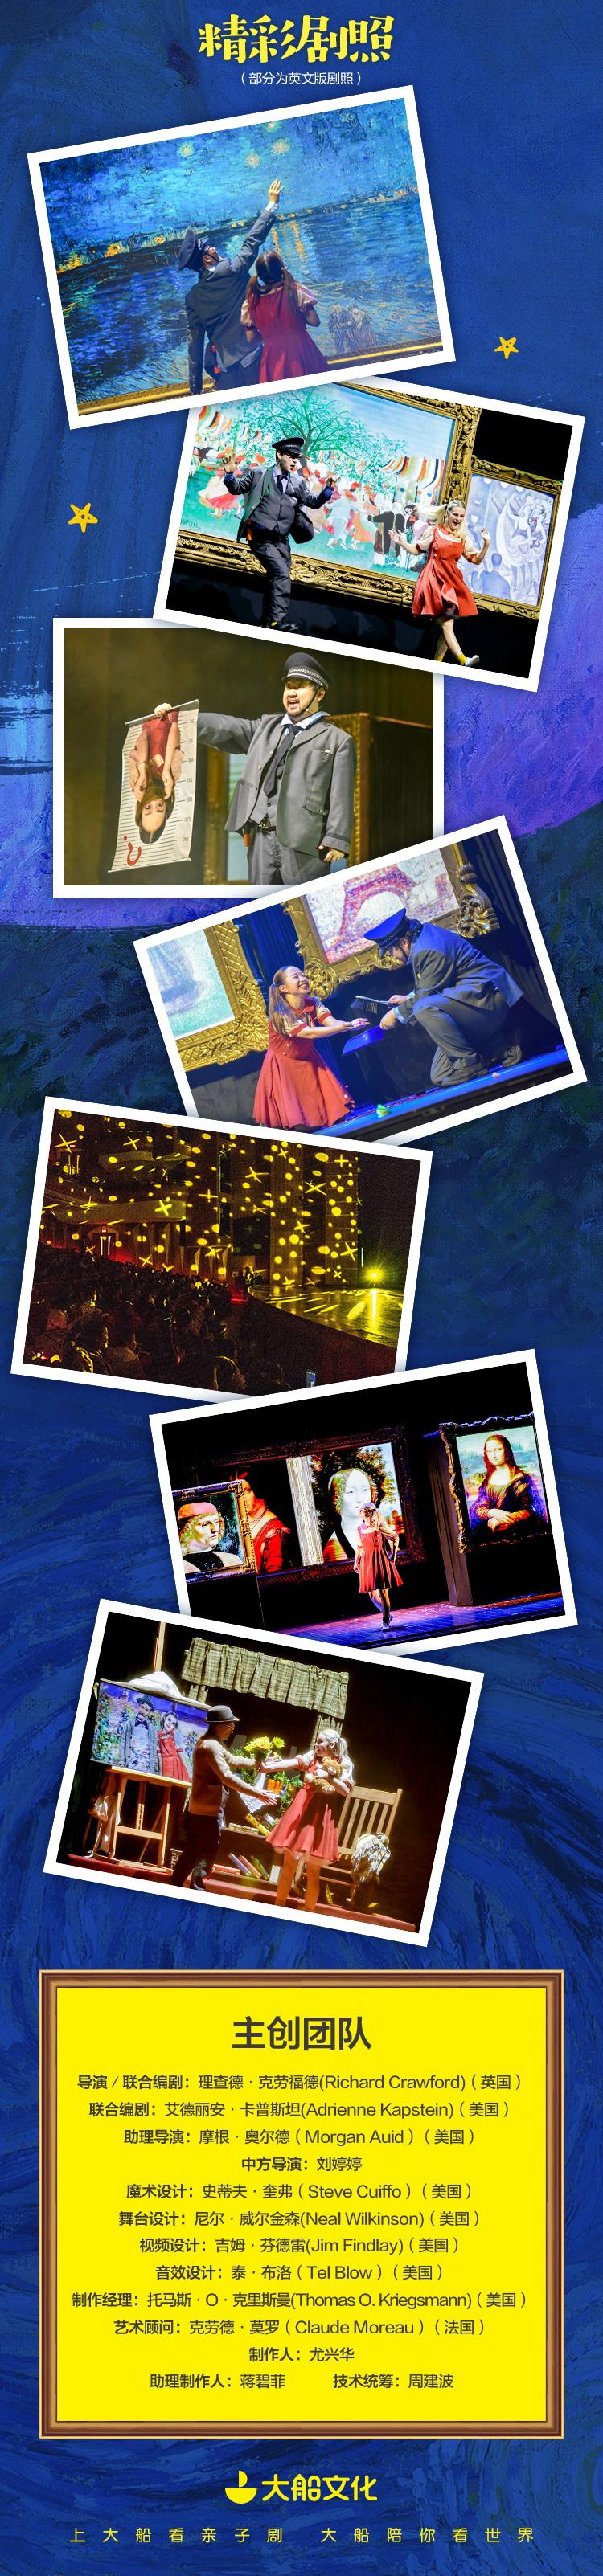 美术馆奇妙夜-中文版上架长图_09-2.jpg